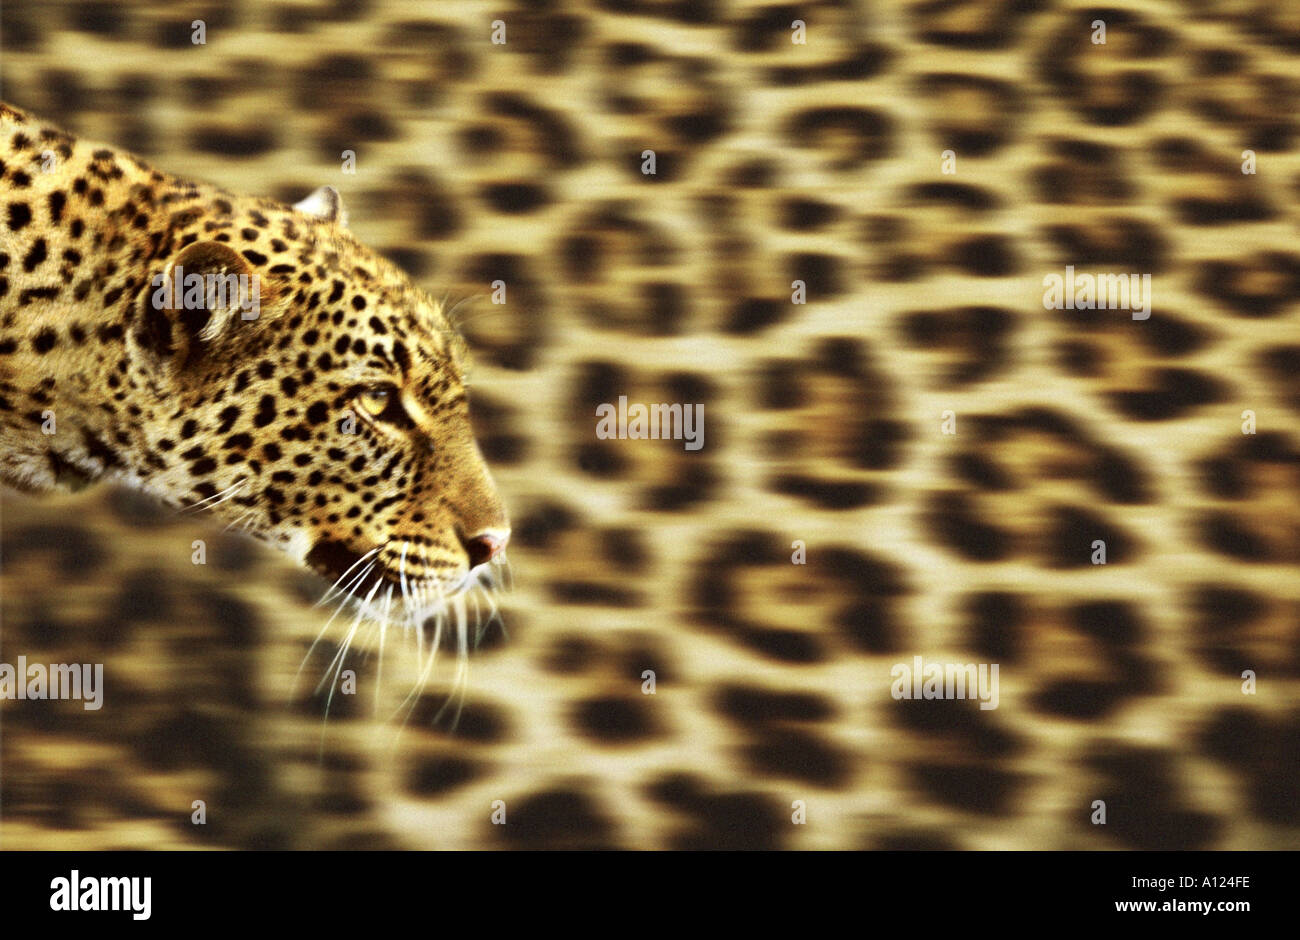 Leopard on leopardskin background - Stock Image